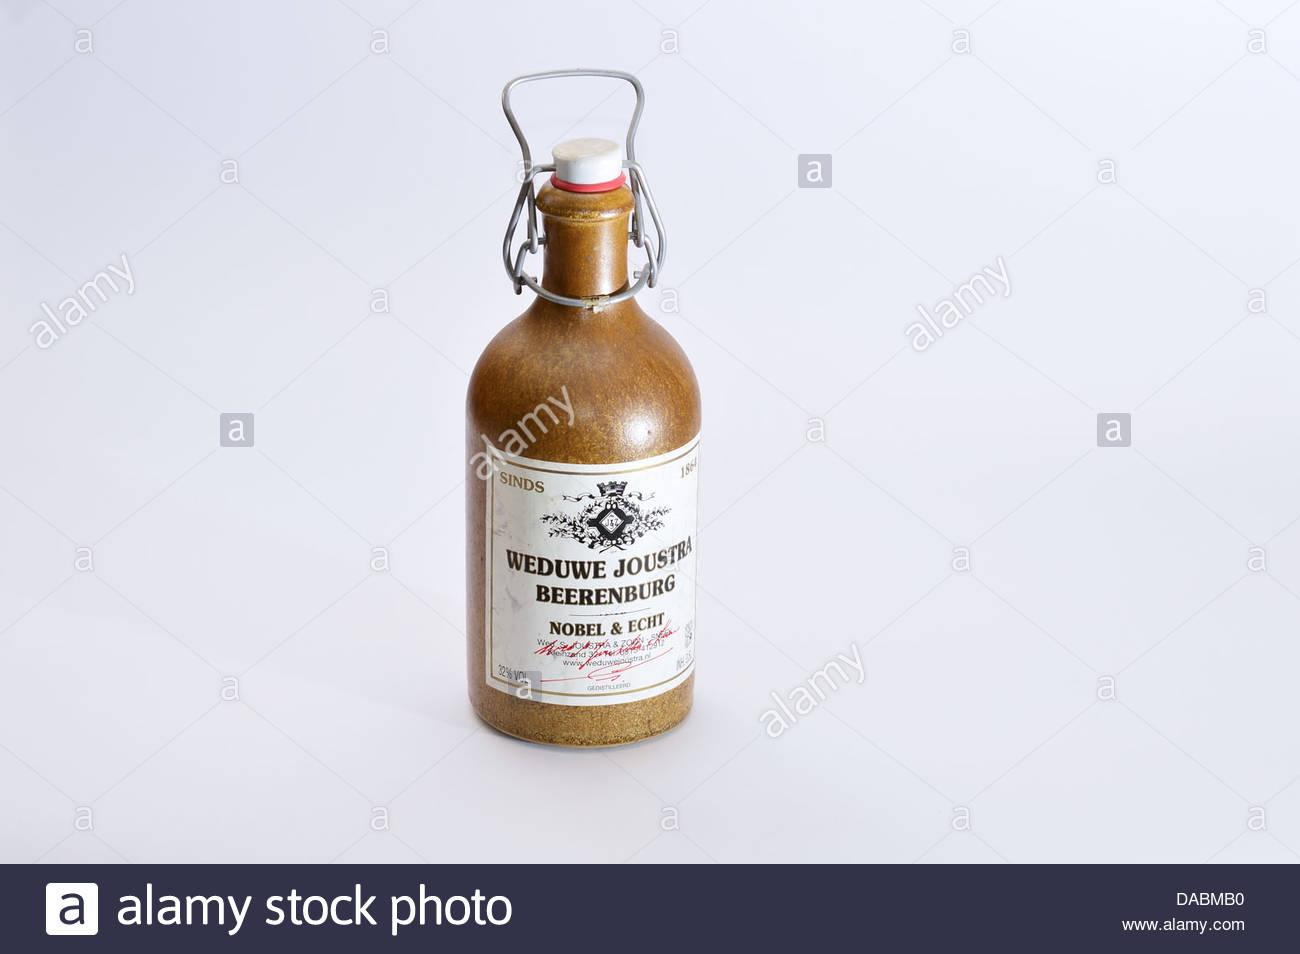 Antique Bottle Alcohol Stockfotos & Antique Bottle Alcohol Bilder ...